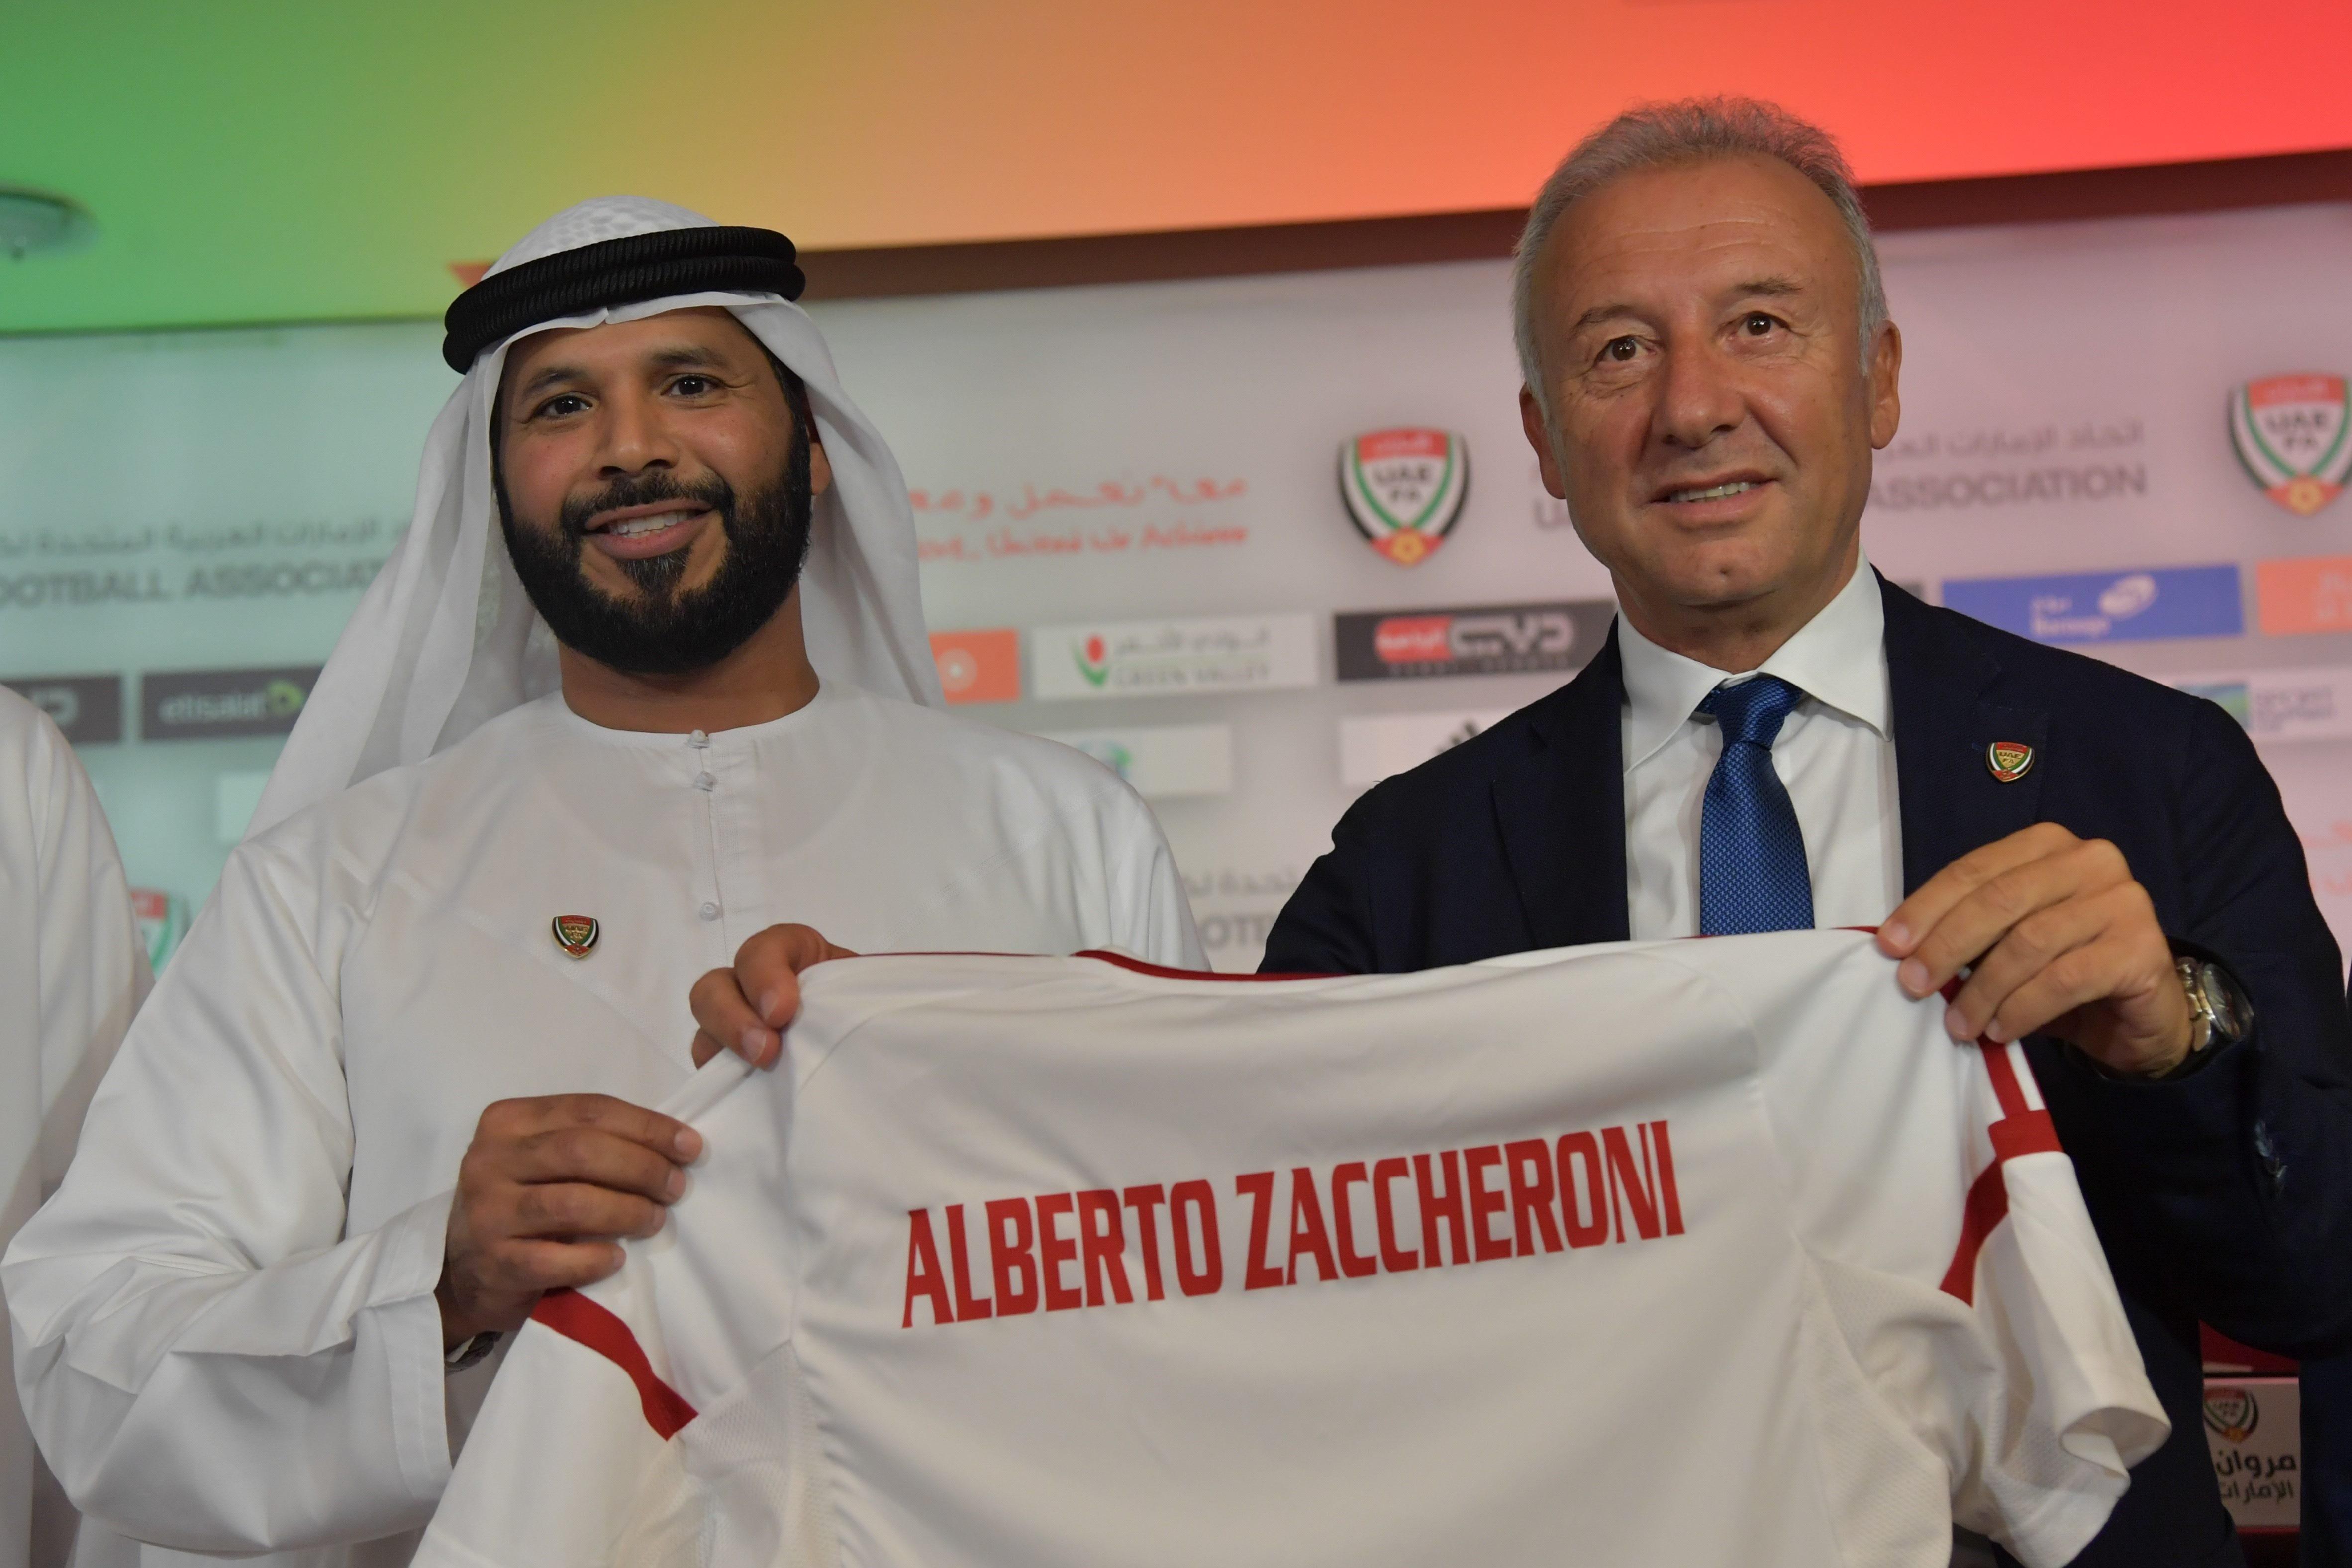 Alberto Zaccheroni UAE coach